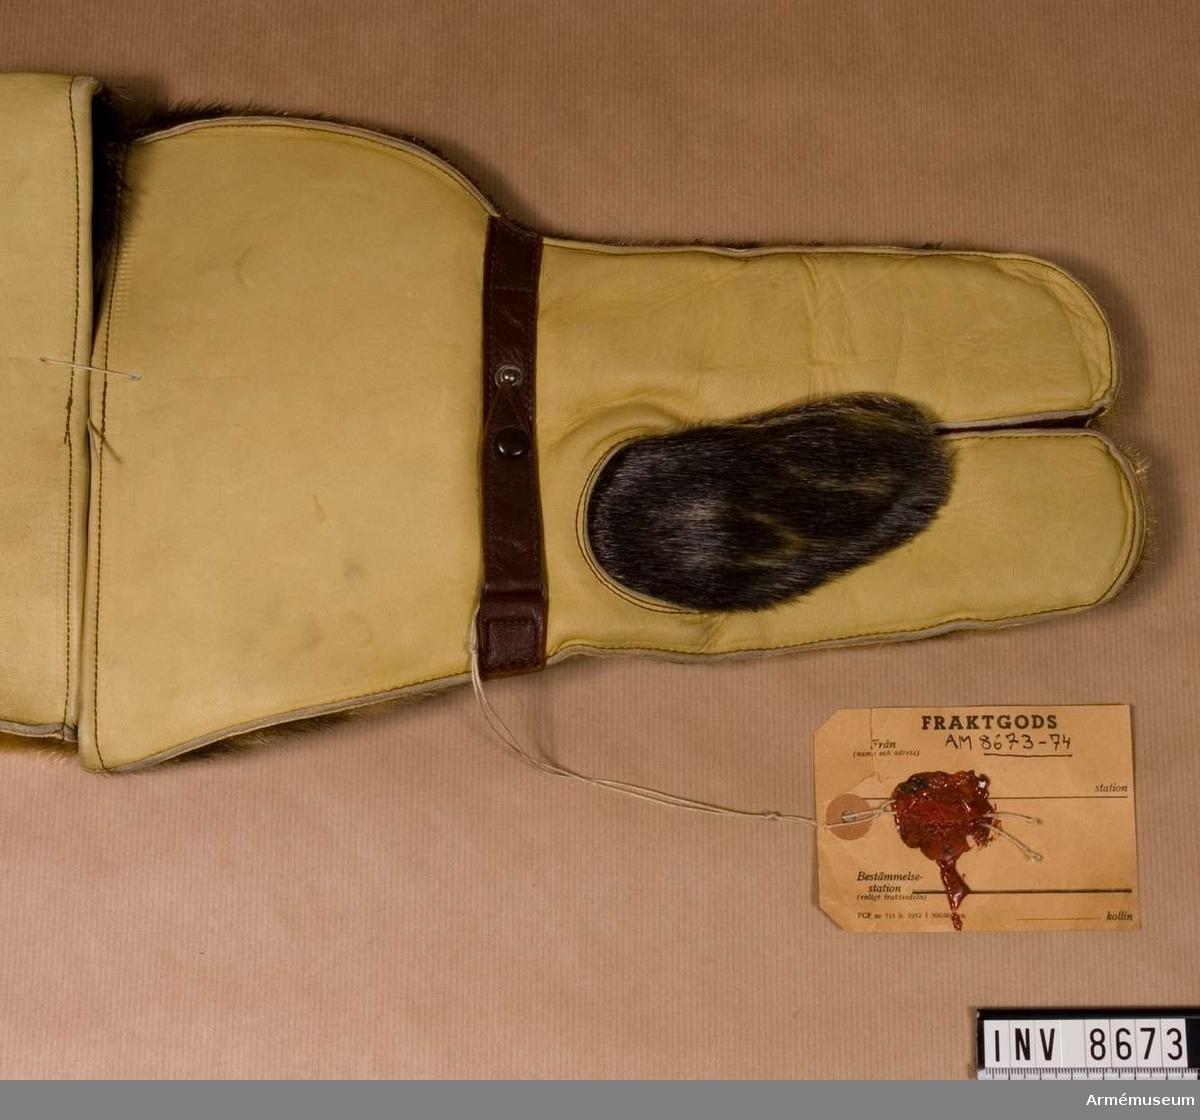 Handske arbm/1952, motor-. Motorhandske, arbetsmodell 1952. Längd 360 mm. Vikt 261 g. Lammskinnsfodrad med utsidan av sälskinn och handsidan av kromläder. KAFI beslut 5.2.1952, dnr 4892/51 UtrB.KAFI = Kungl Arméförvaltningen intendenturavdelningen.